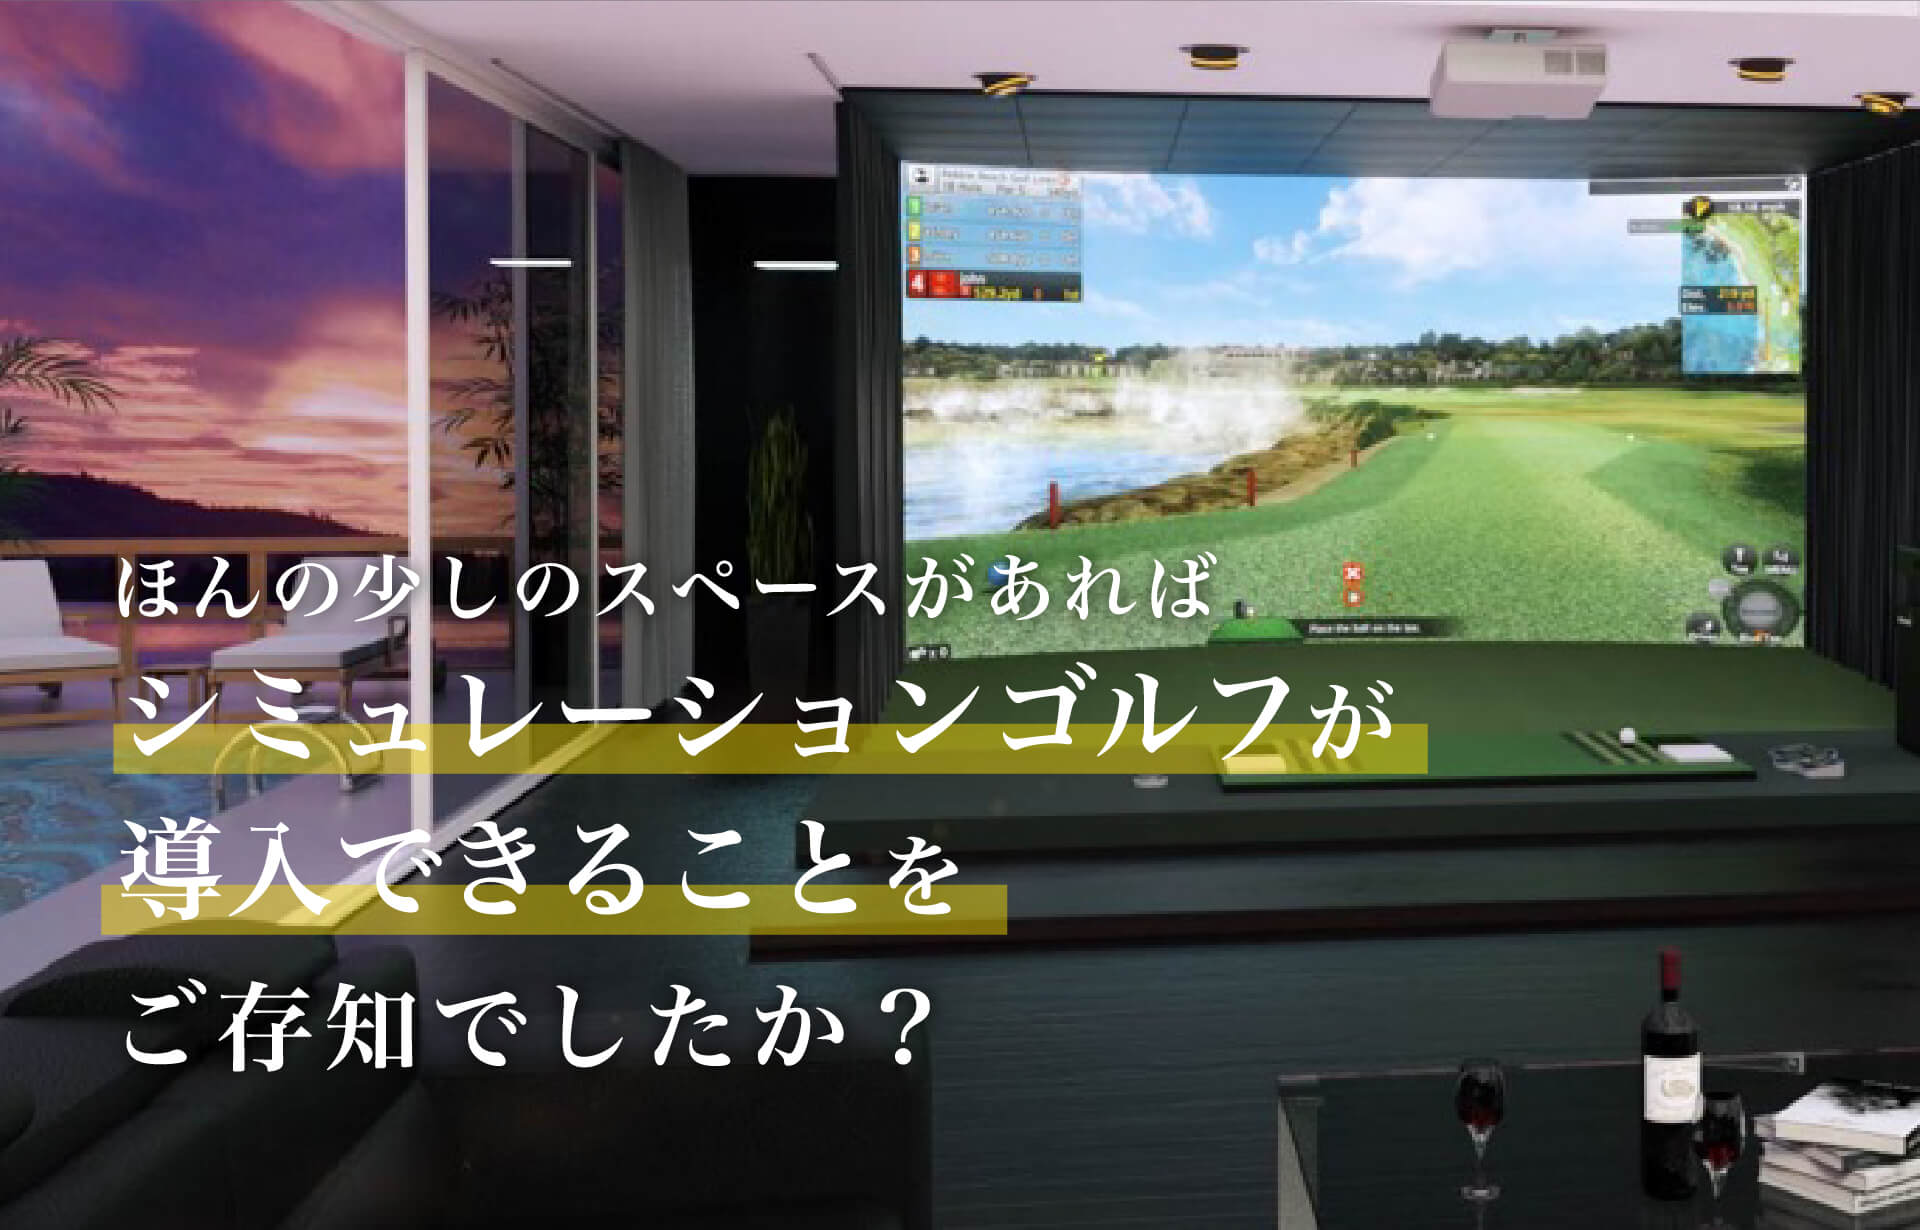 ほんの少しのスペースがあればシミュレーションゴルフがご存知でしたか?